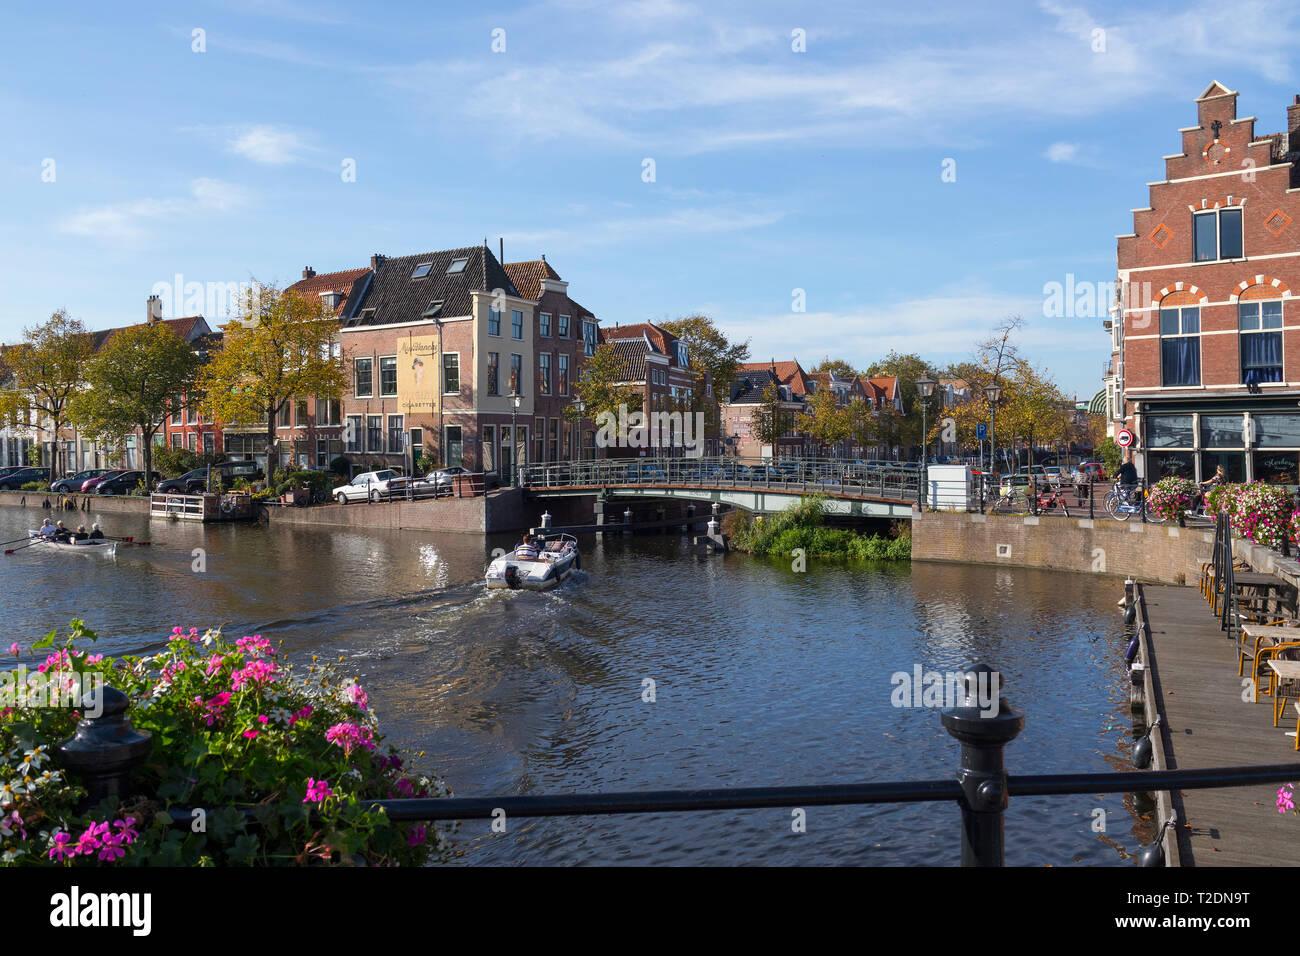 Leiden, Holanda - 13 de octubre de 2018; el viaje en barco por el canal Herengracht, en el centro de la ciudad de Leiden Imagen De Stock